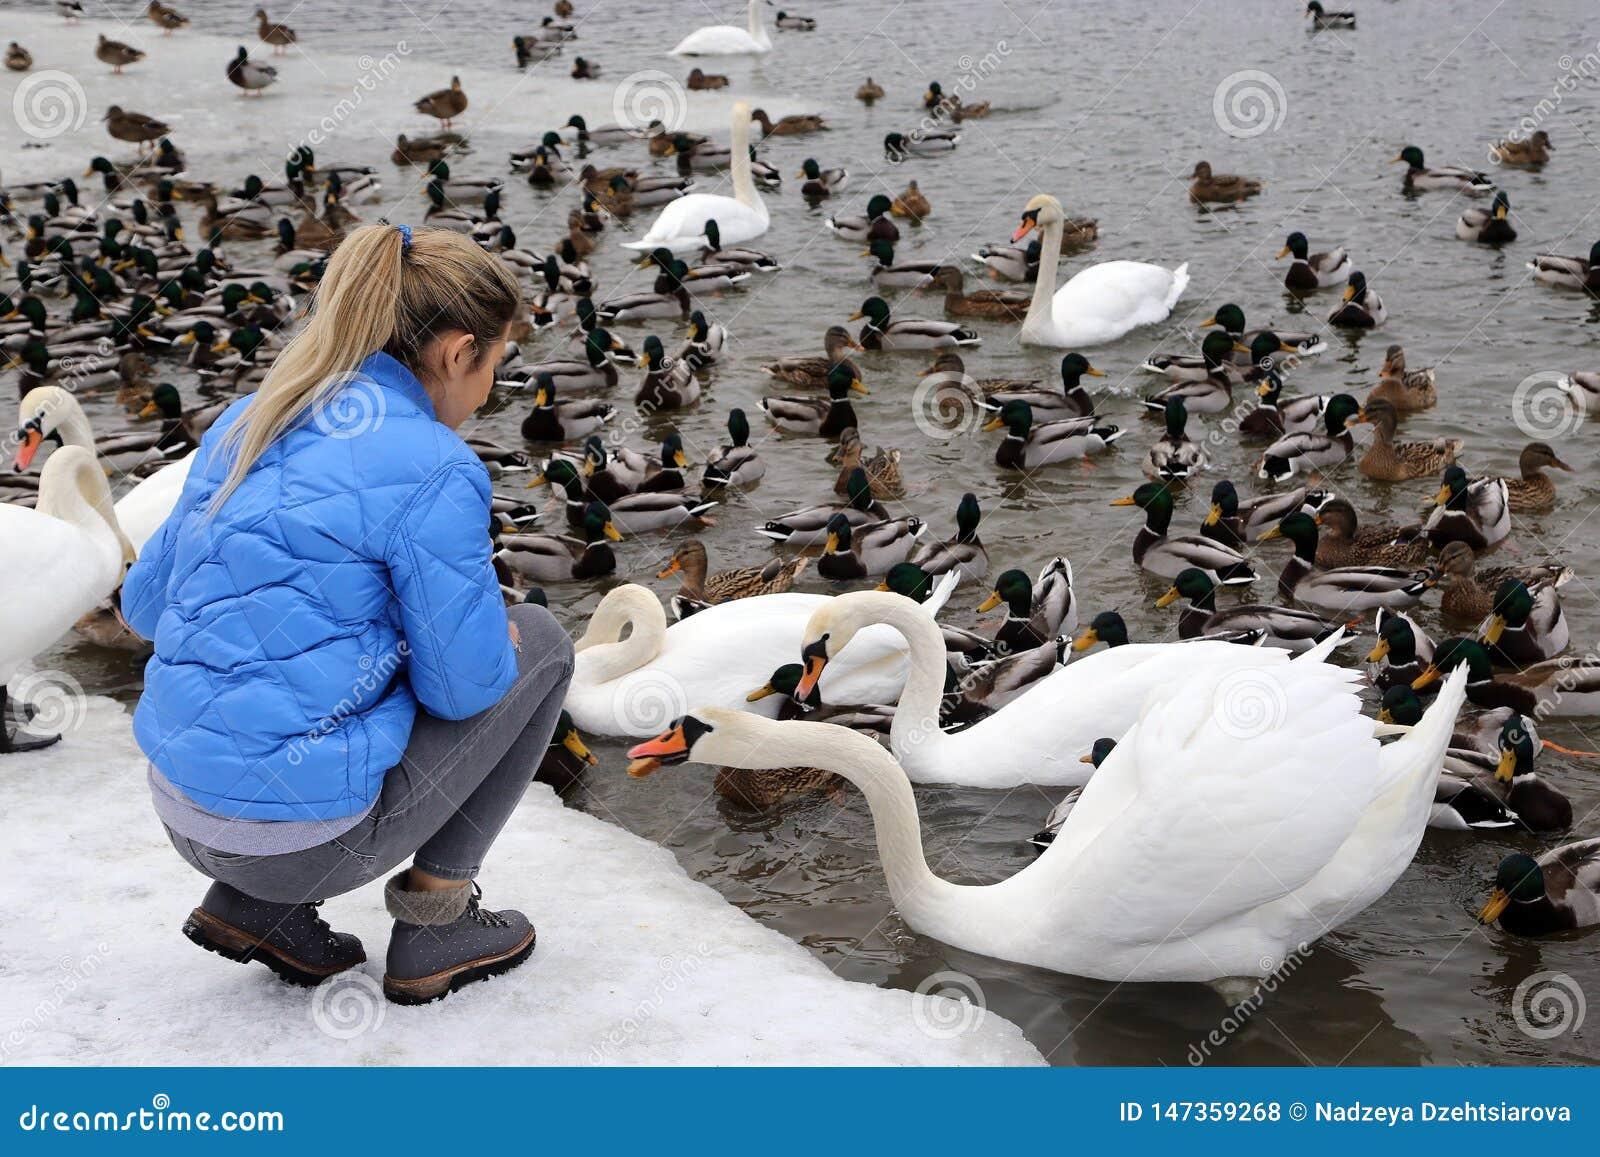 Een meisje voedt watervogels op de kust van een meer in de winter